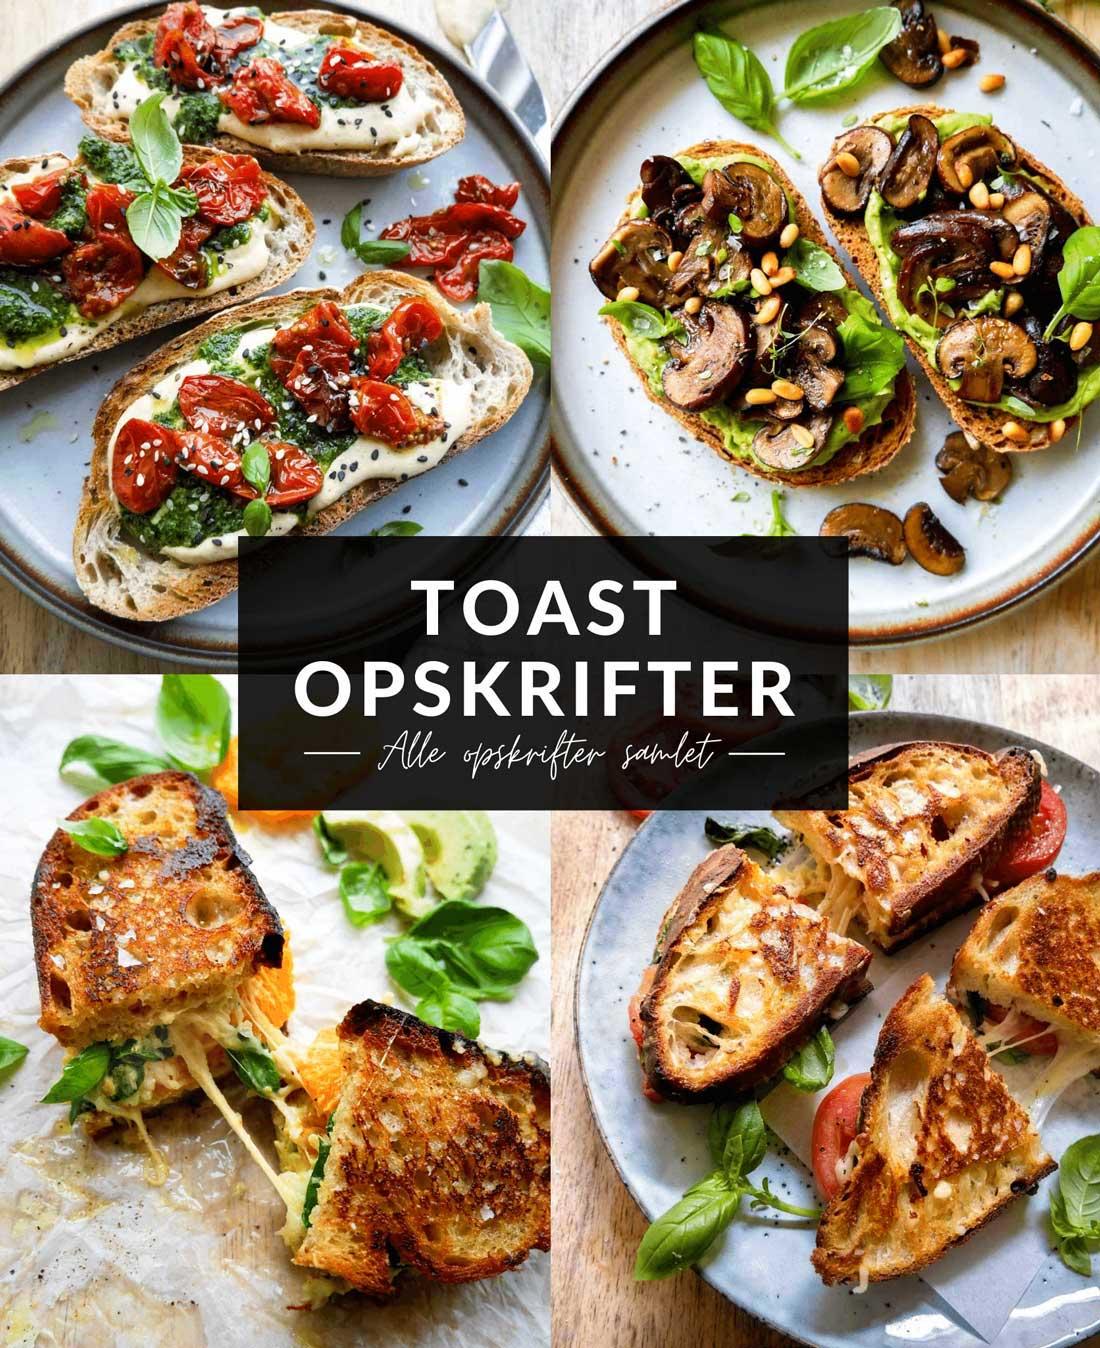 toast opskrifter til vegansk og vegetar toast